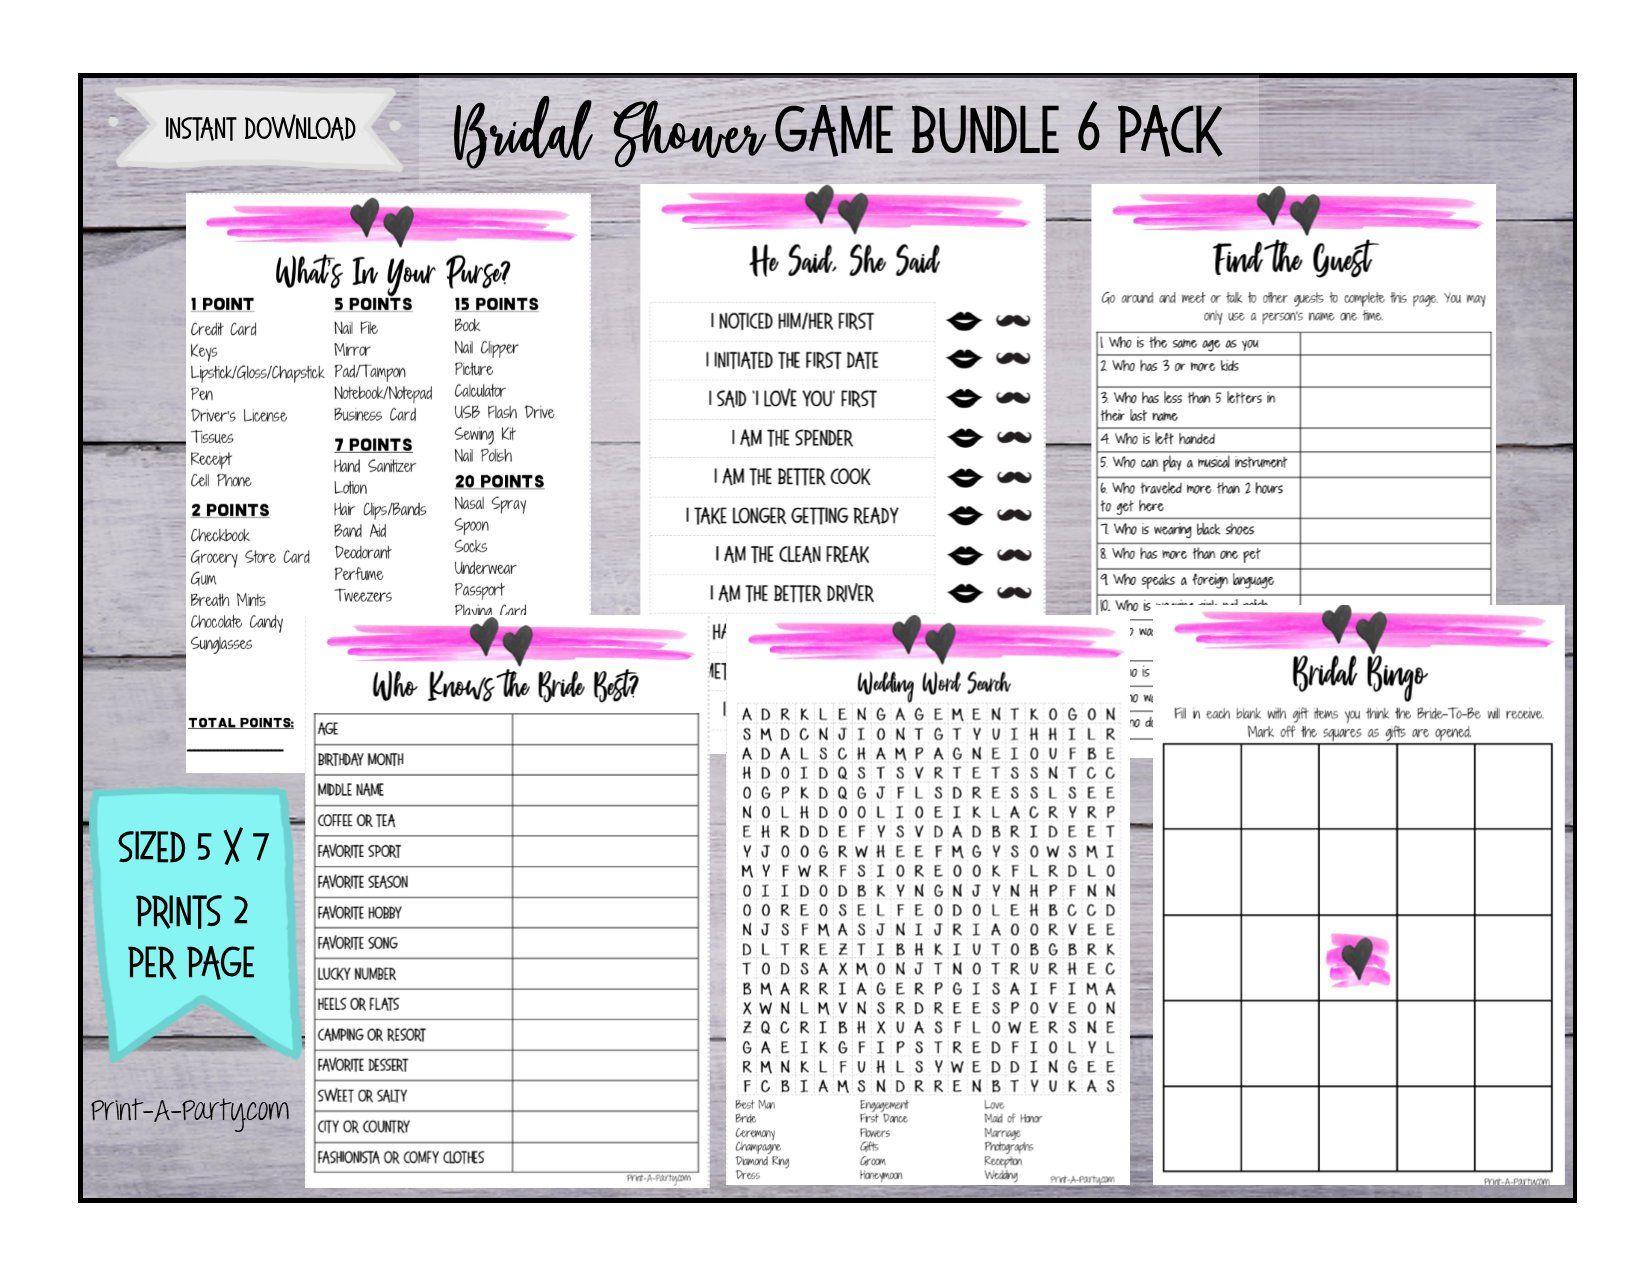 Printable Bridal Shower Game Bundle - 6 pack games - INSTANT